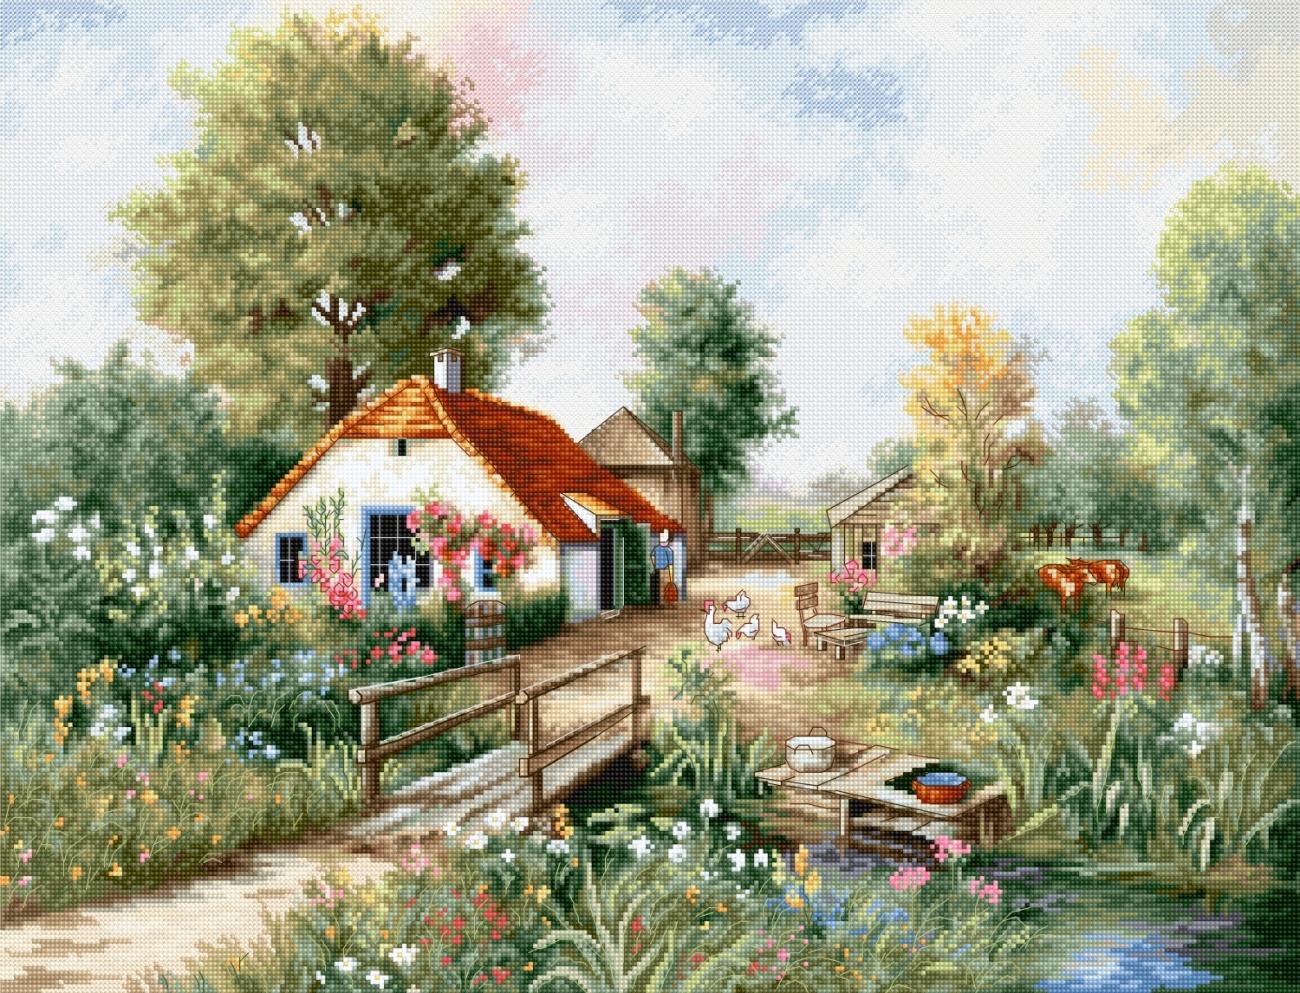 Tranh thêu chữ thập phong cảnh ngôi nhà nhỏ